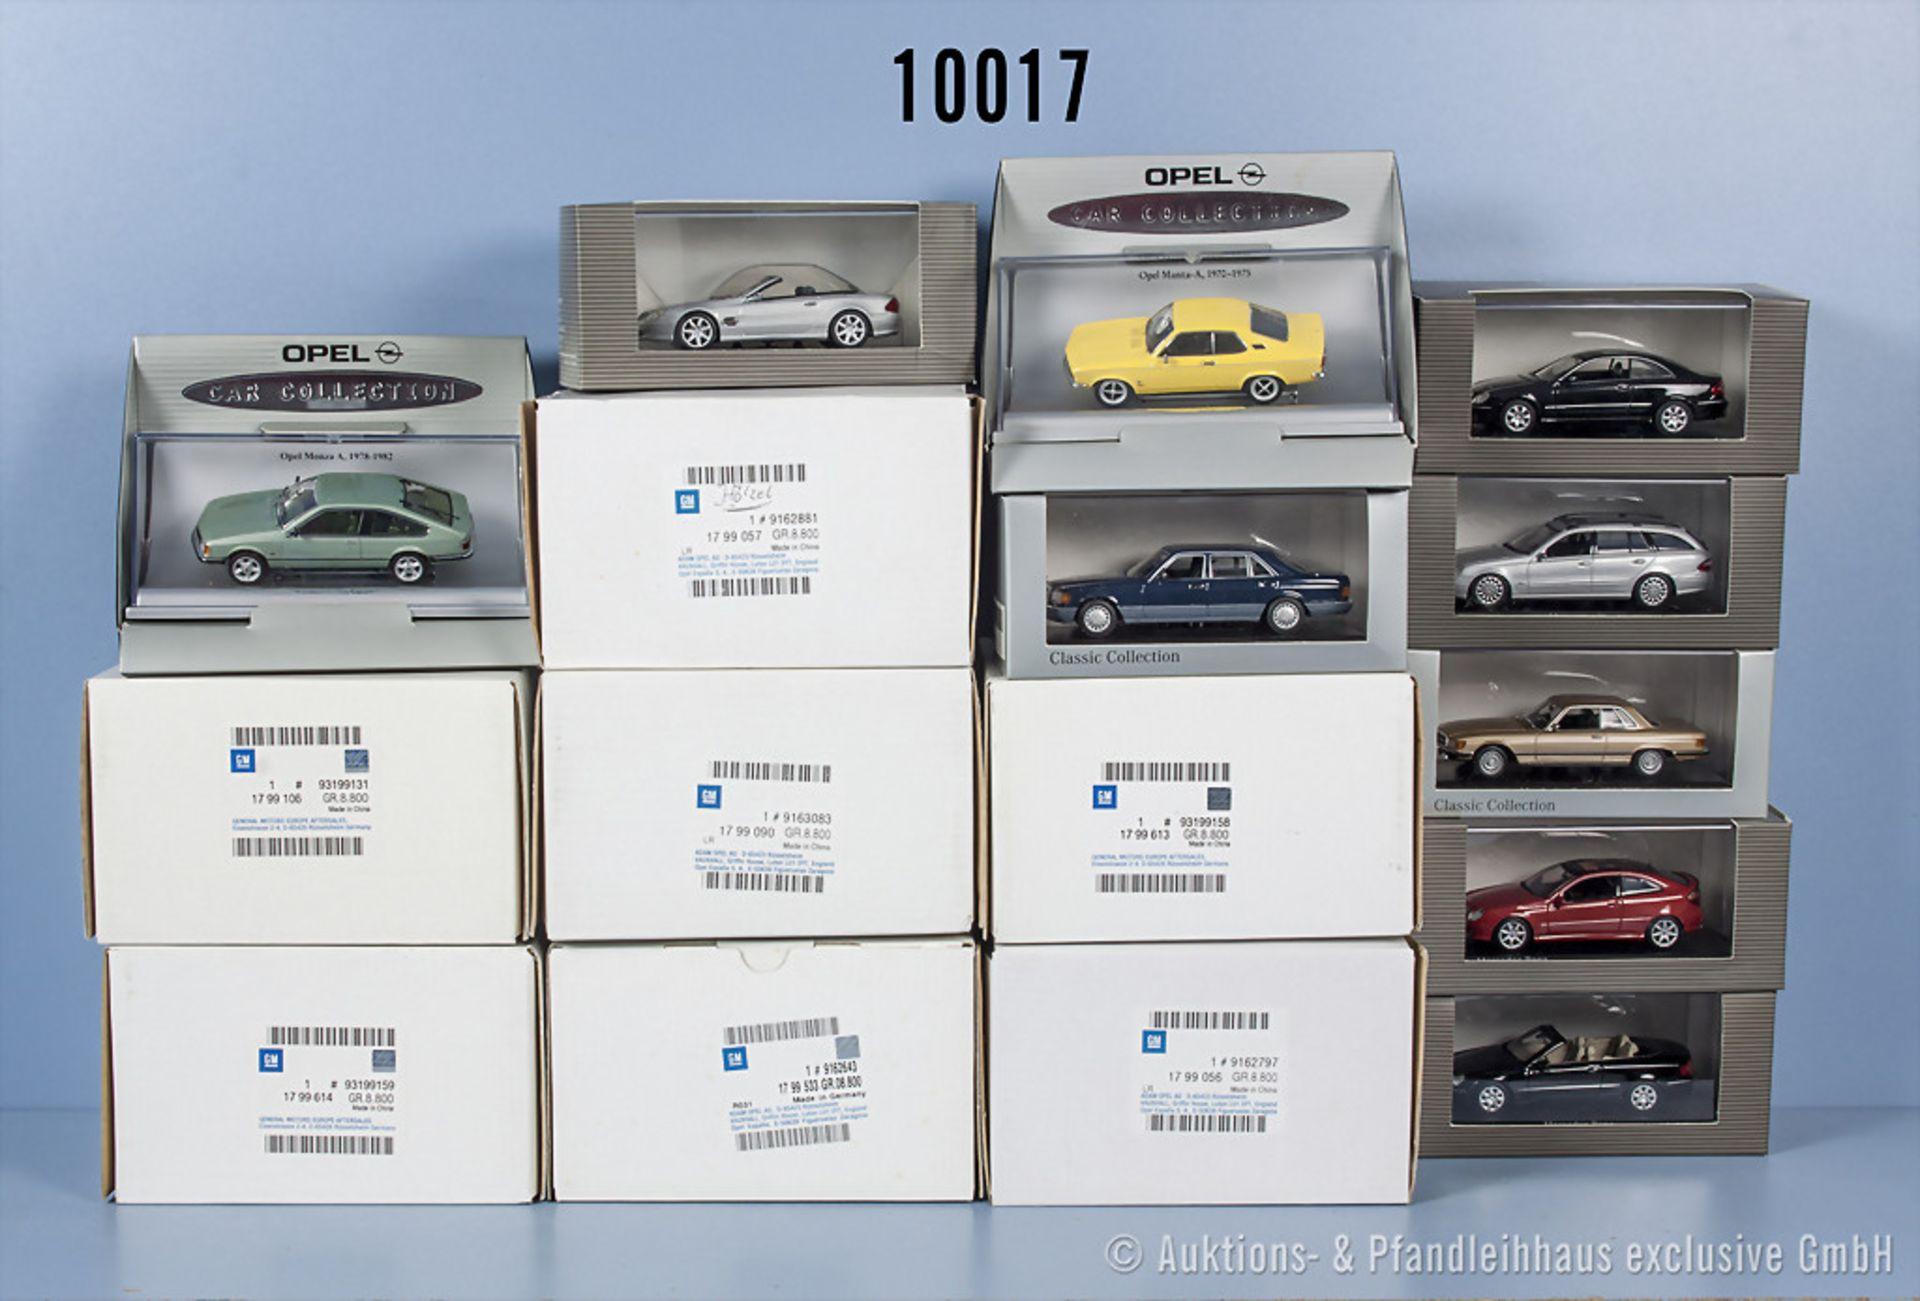 Konv. 16 Modellfahrzeuge dabei Opel und Mercedes Benz, Metallausf., Hersteller u.a. ...